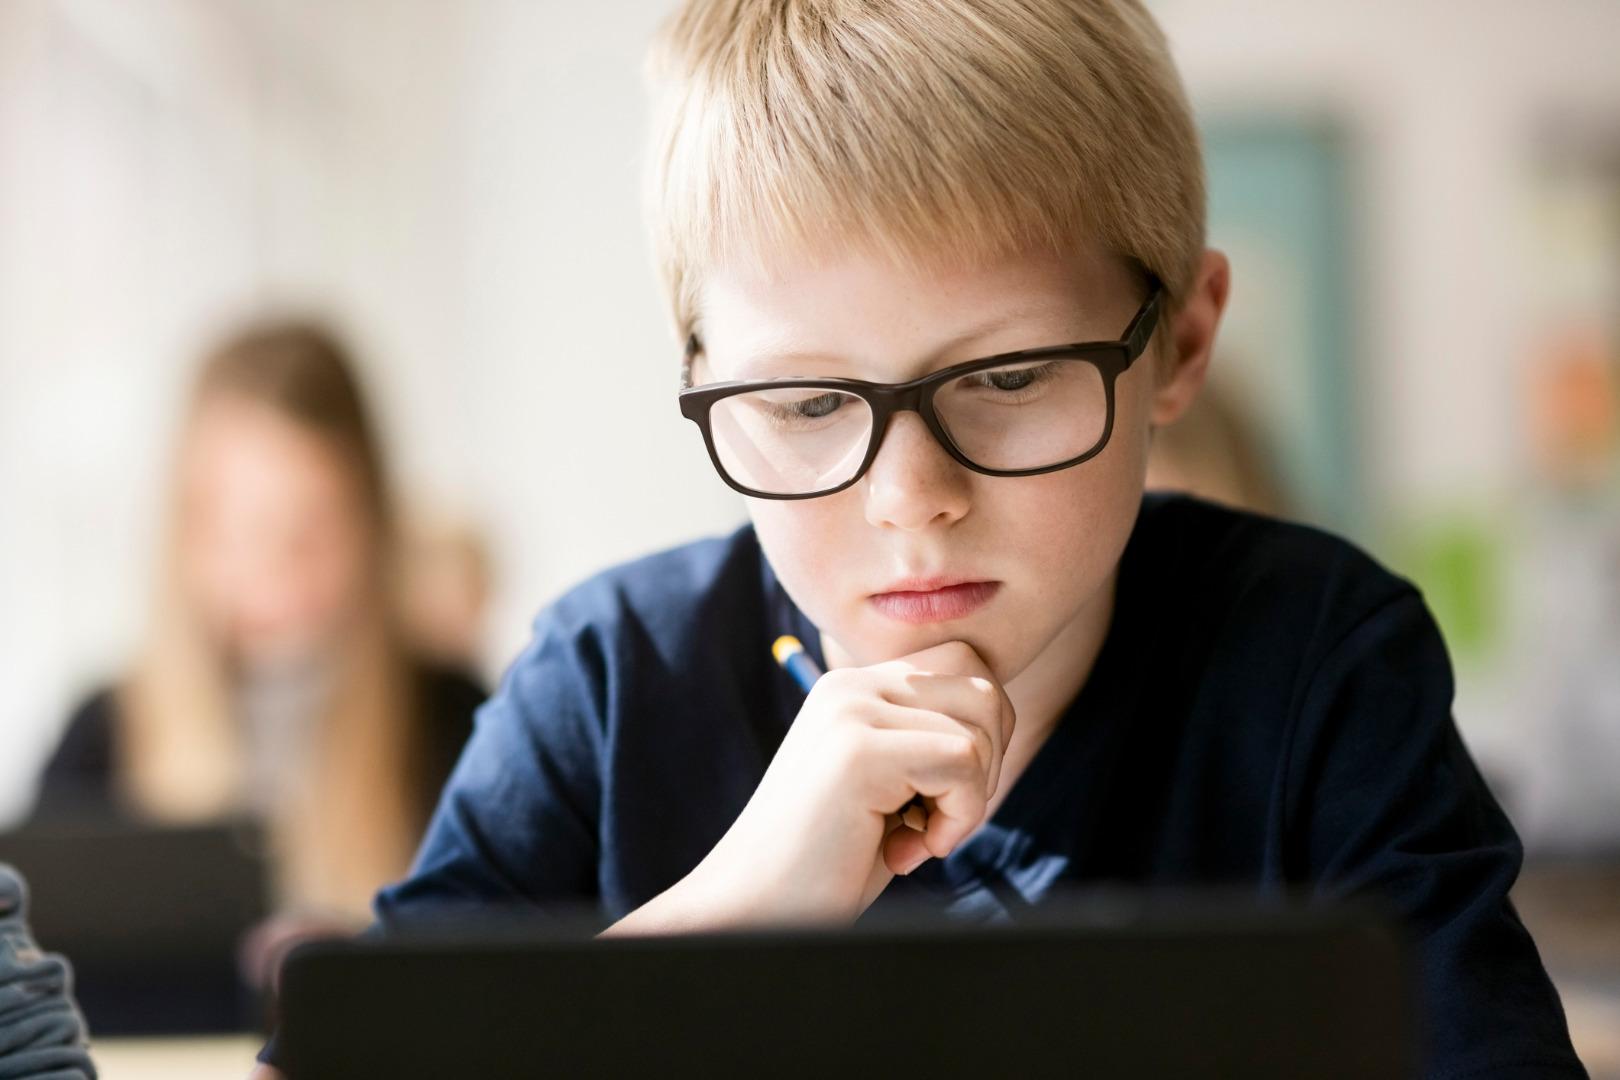 Программы начального образования: важны школа и учитель